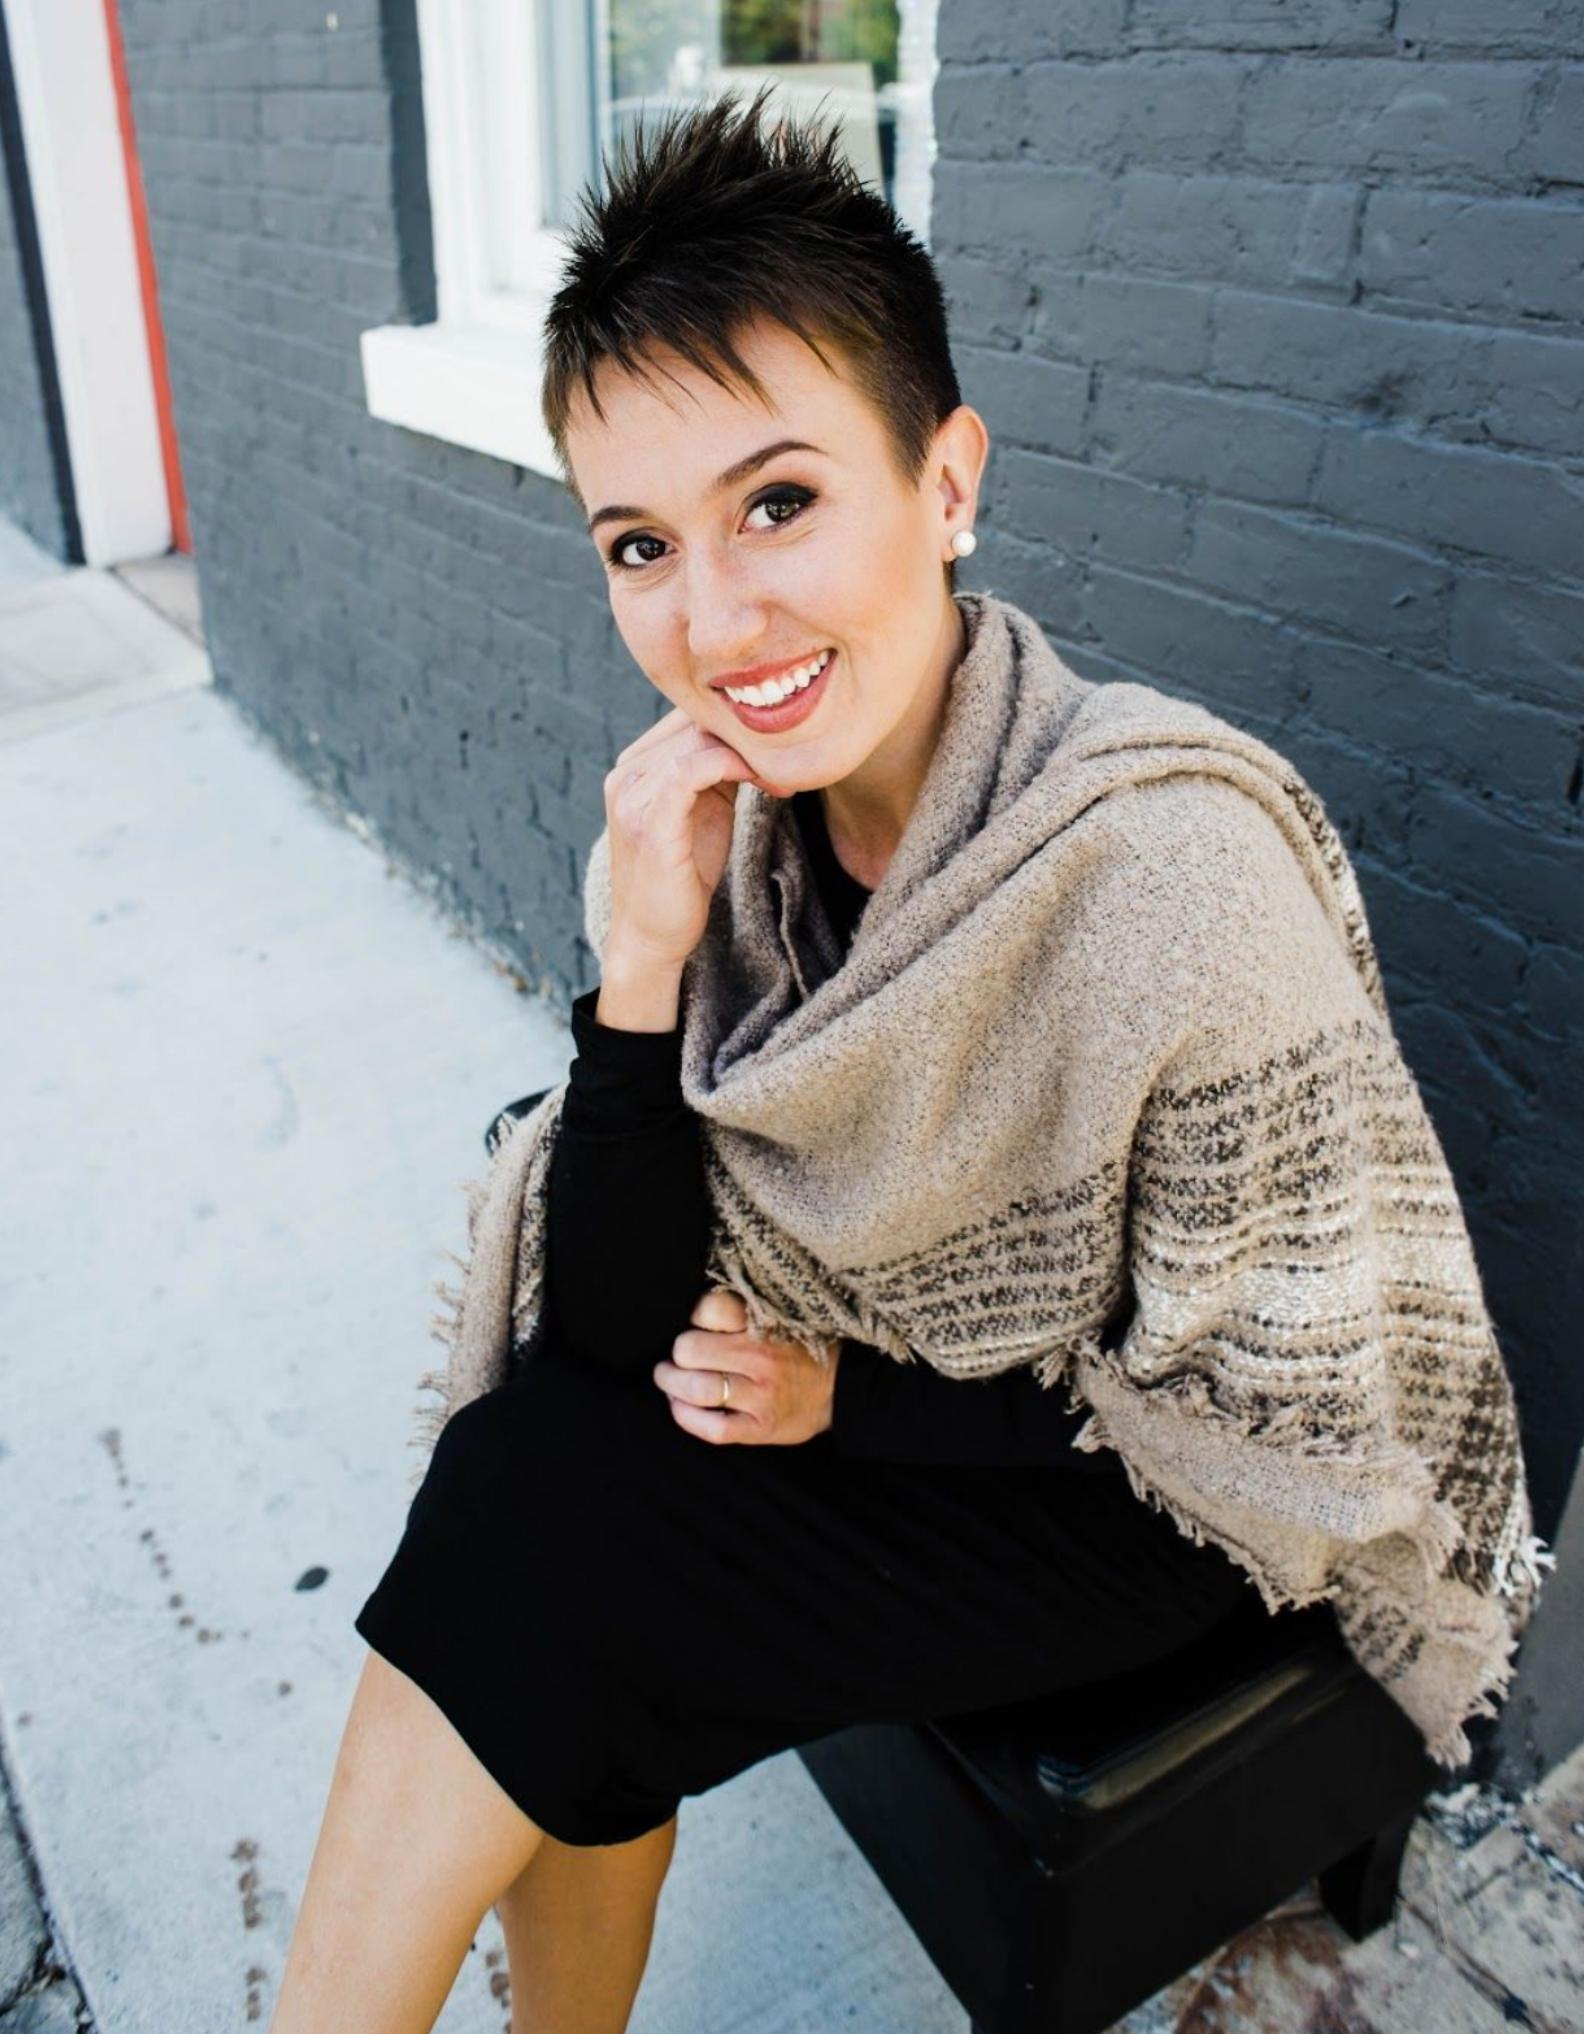 Tiana Swank